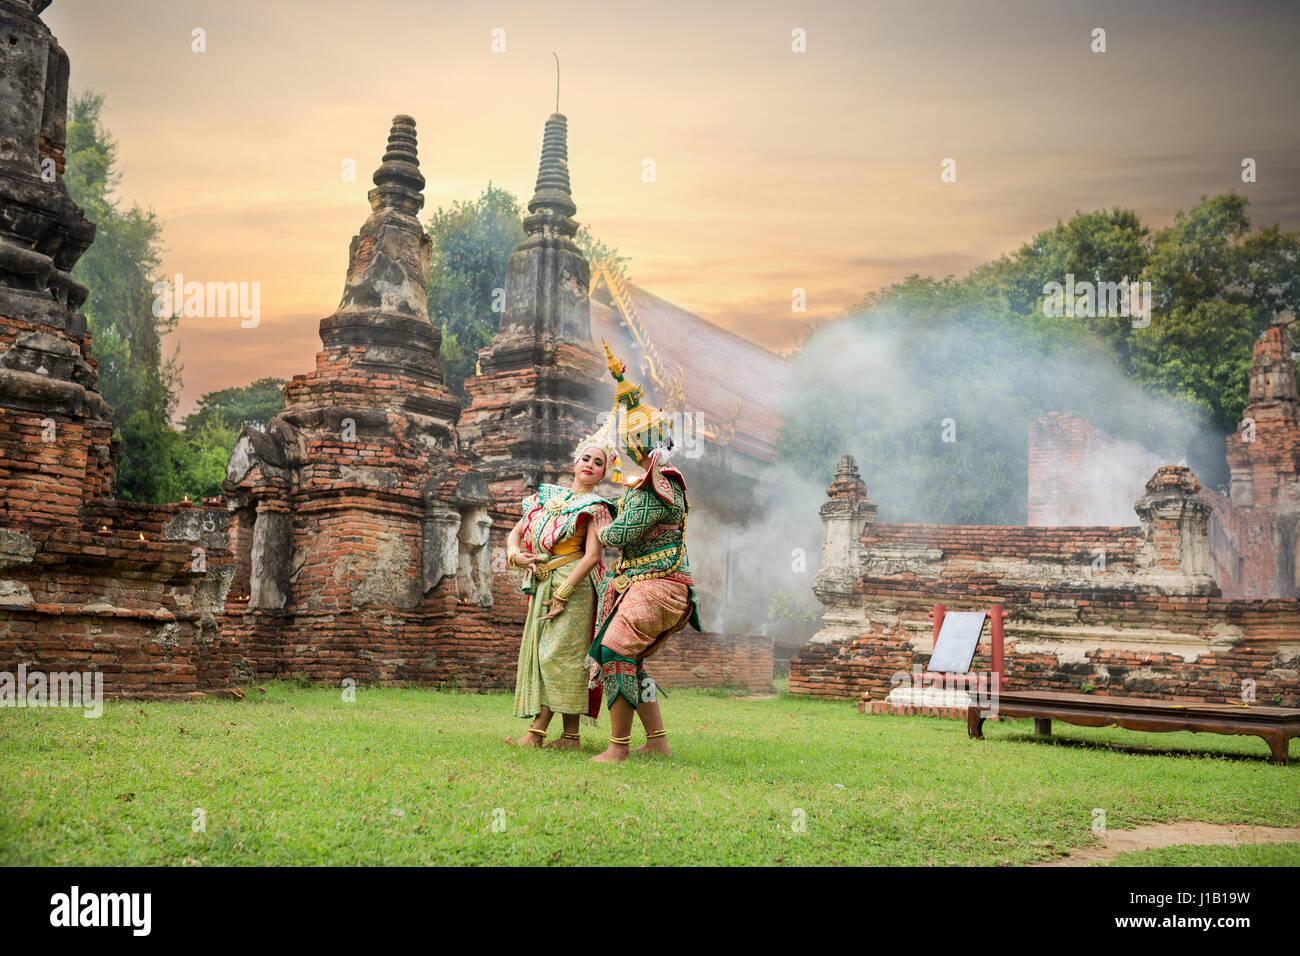 TOS-Sa-Kan und Sida sind Zeichen in der thailändischen Literatur zum Ramayana. Stockbild